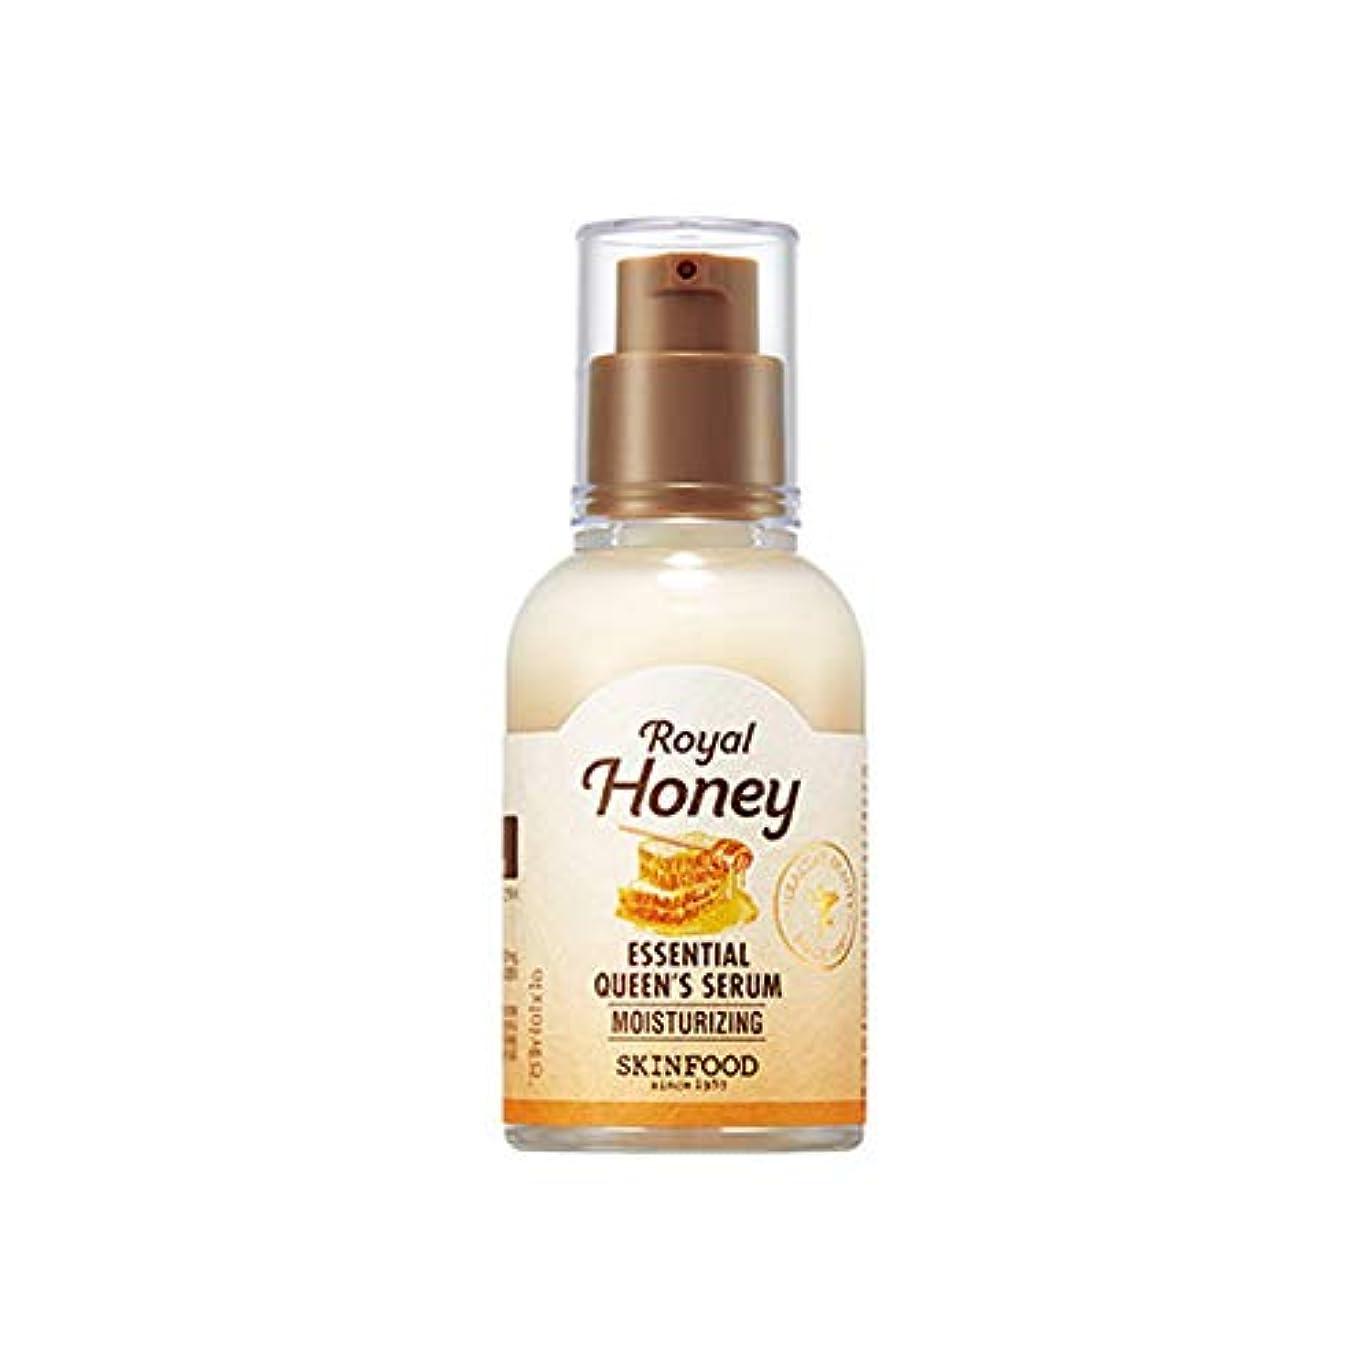 採用する審判計算Skinfood Royal Honey Essential Queen's Serum/ロイヤルハニーエッセンシャルオイルクイーンズ血清/50ml [並行輸入品]